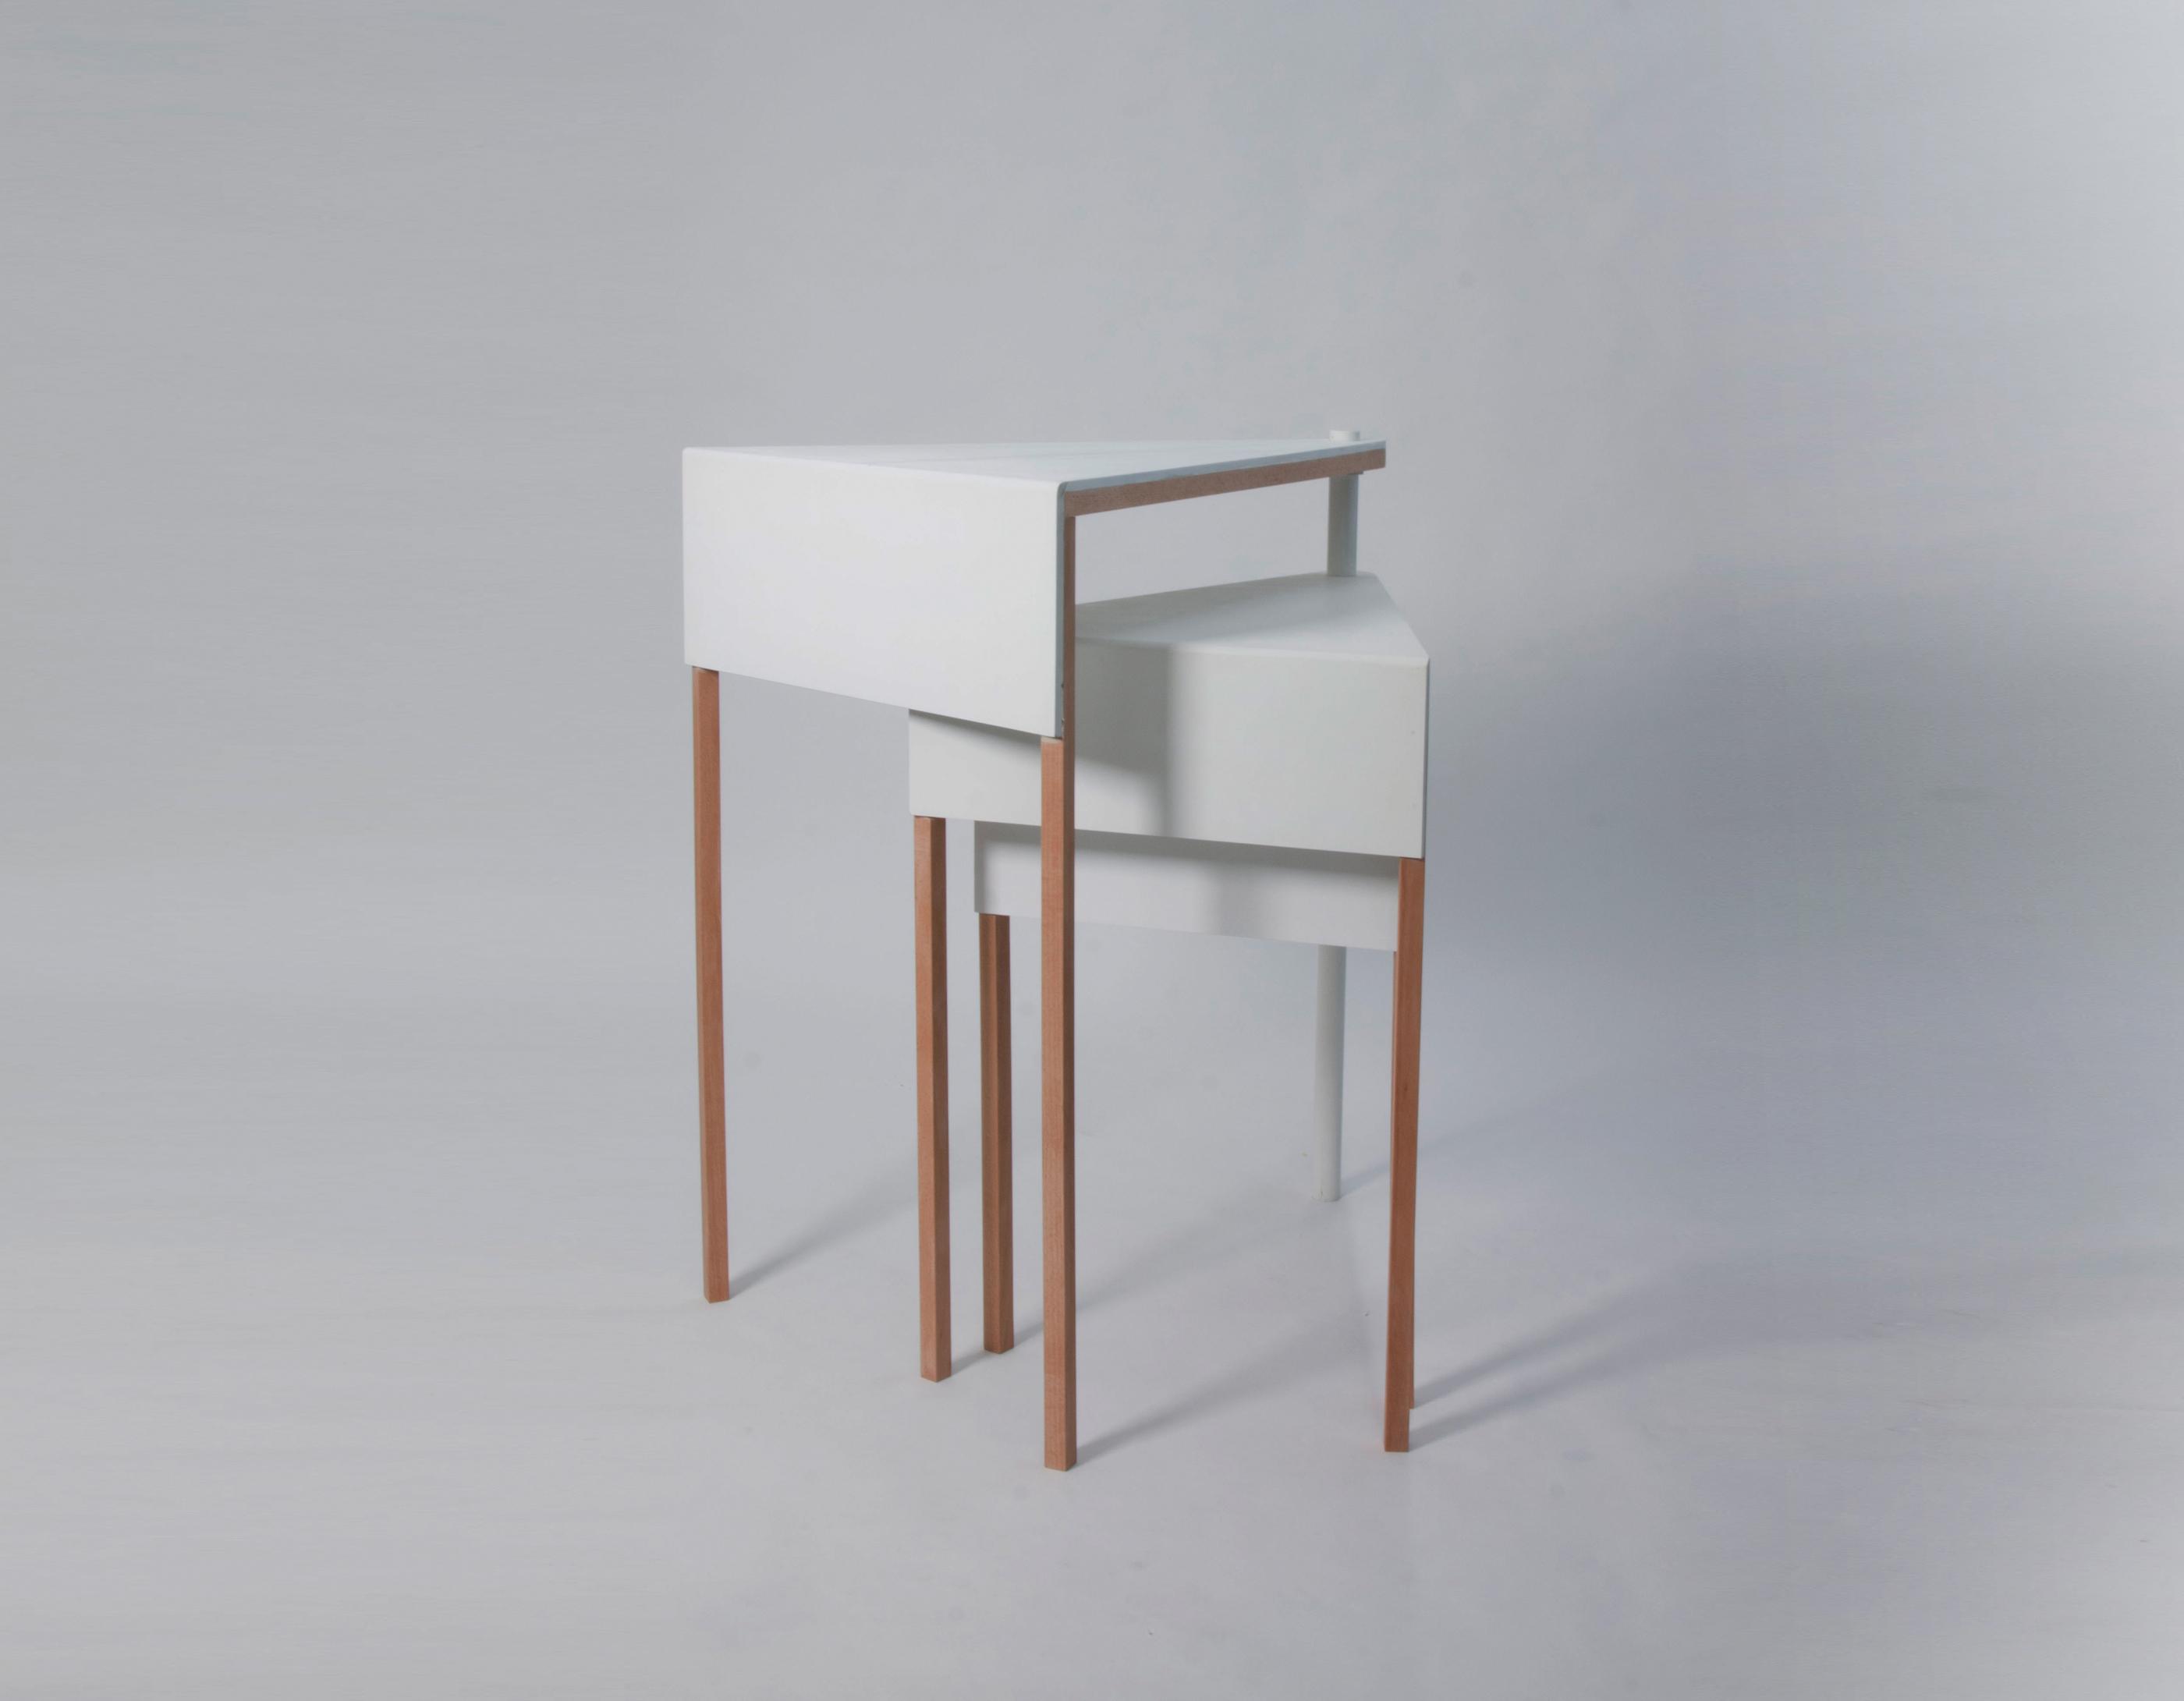 โต๊ะเอนกประสงค์ ช่วยประหยัดพื้นที่